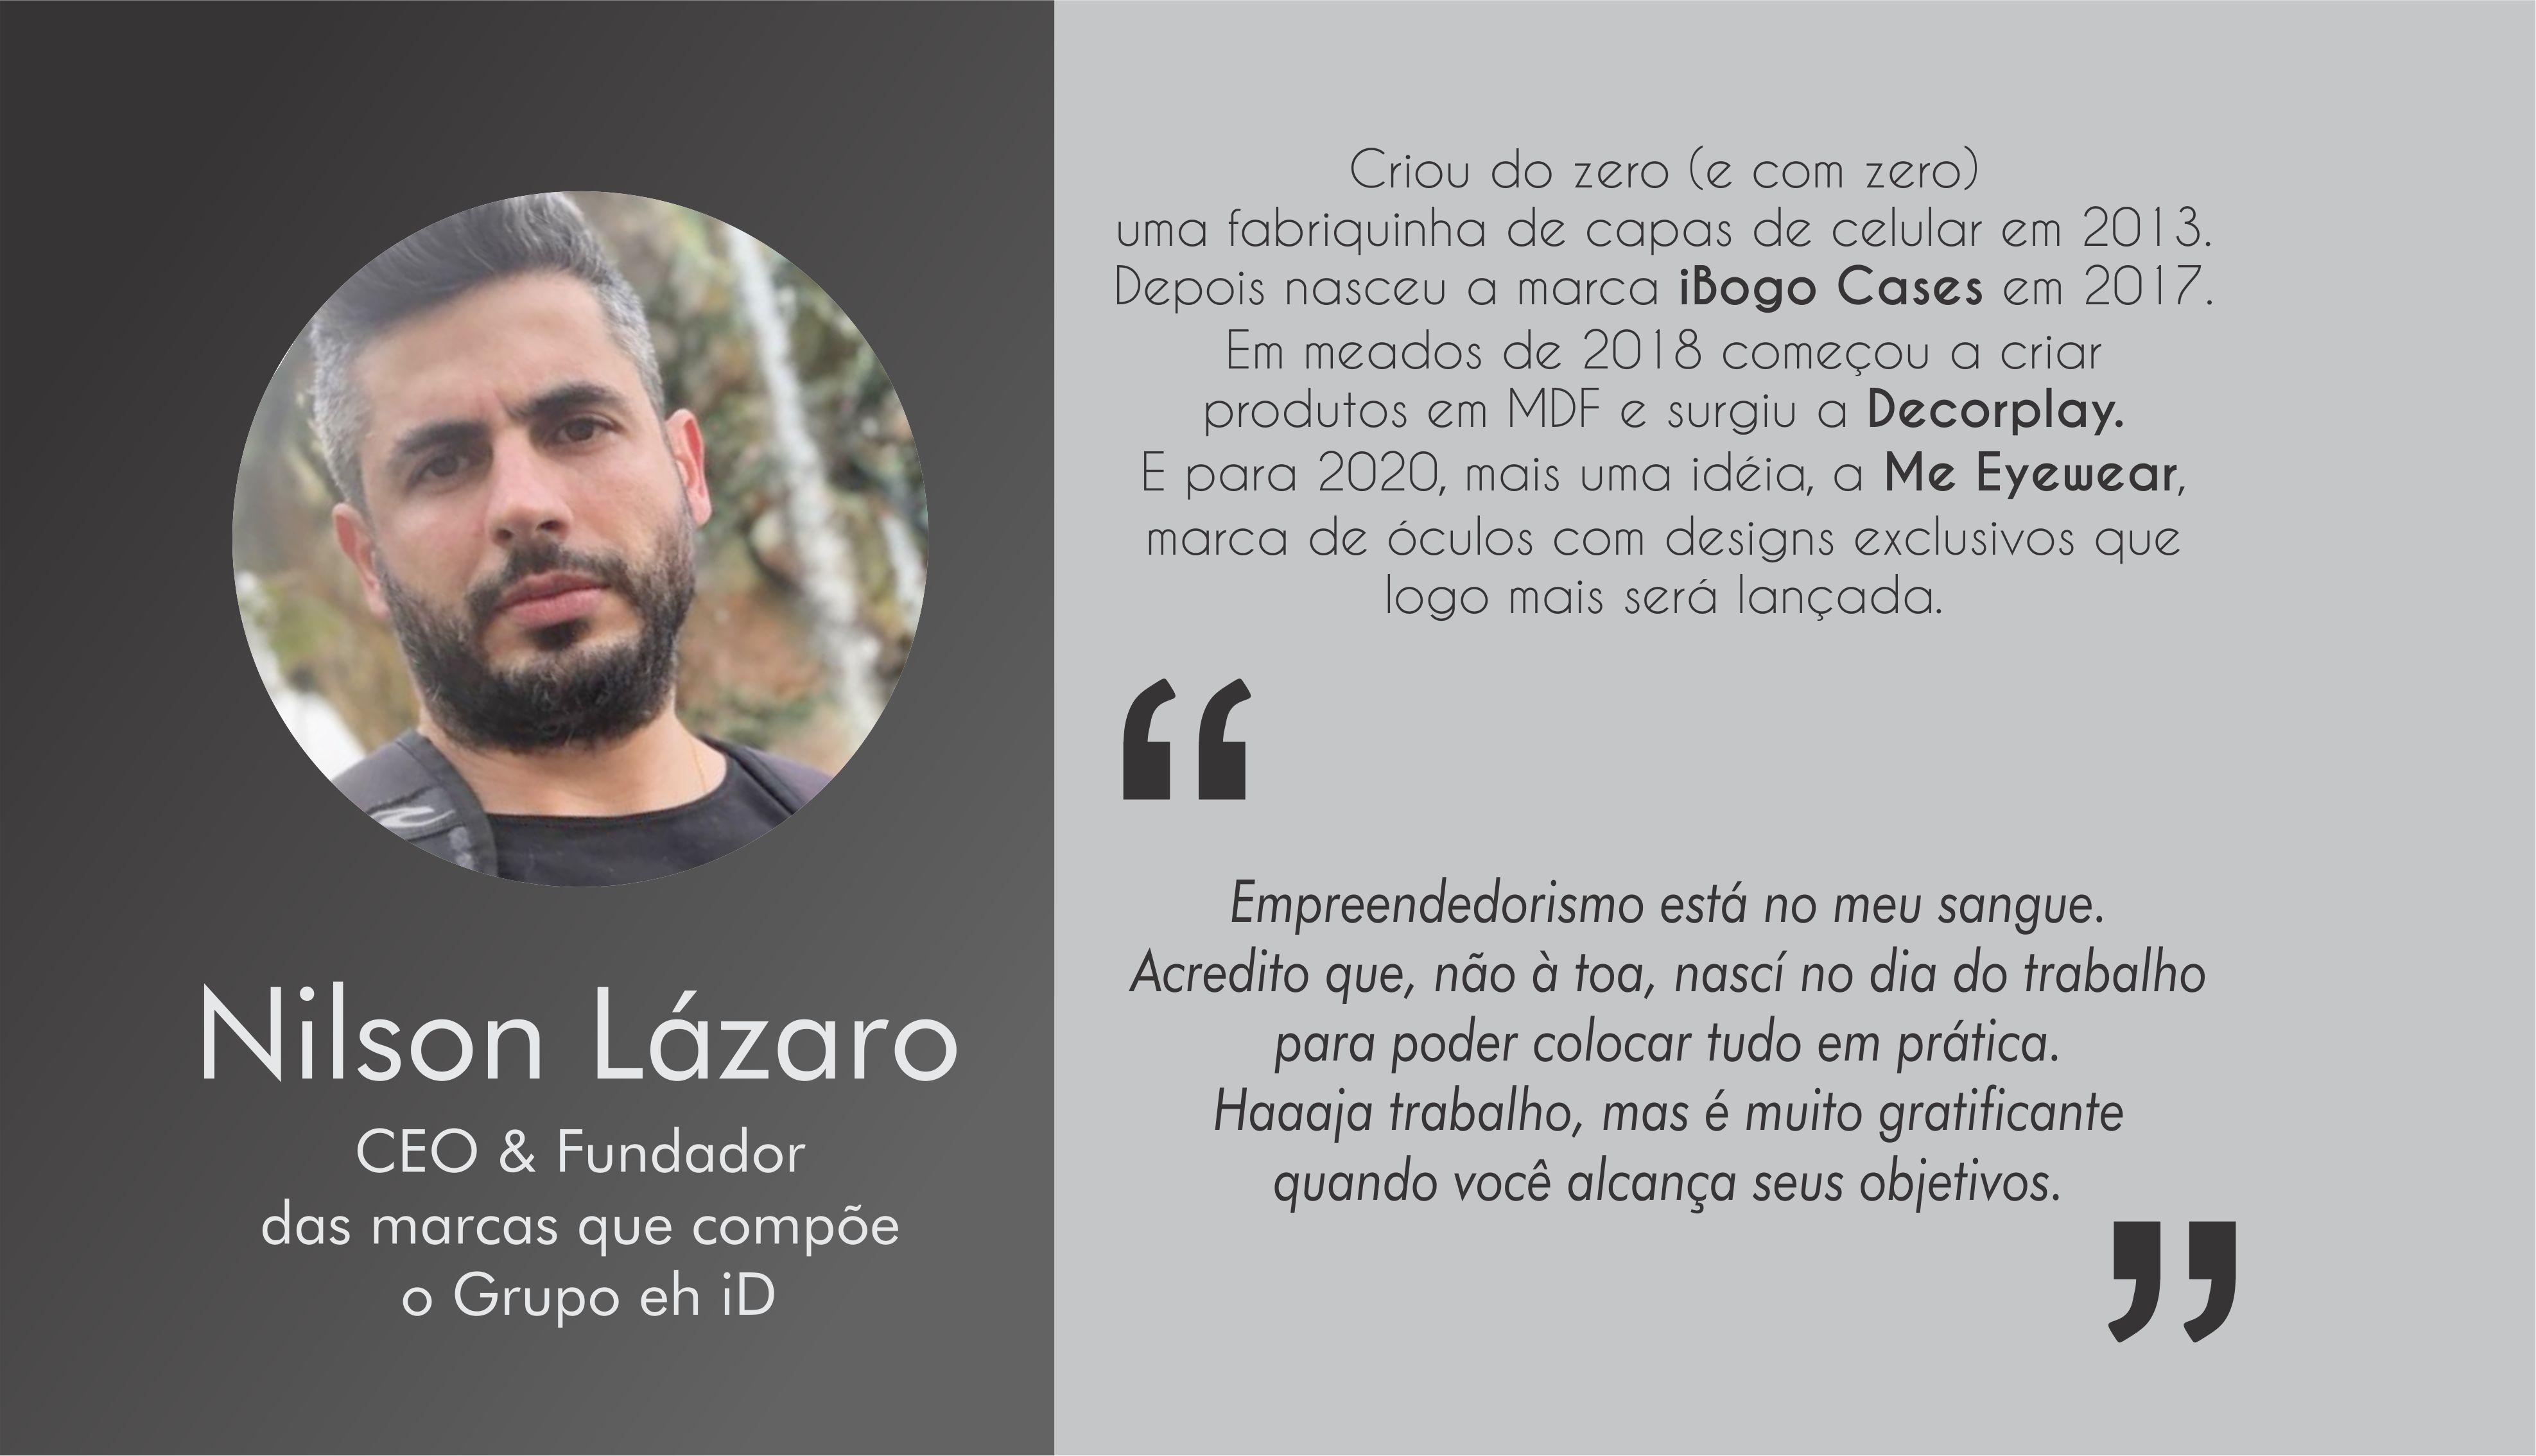 Nilson Lázaro